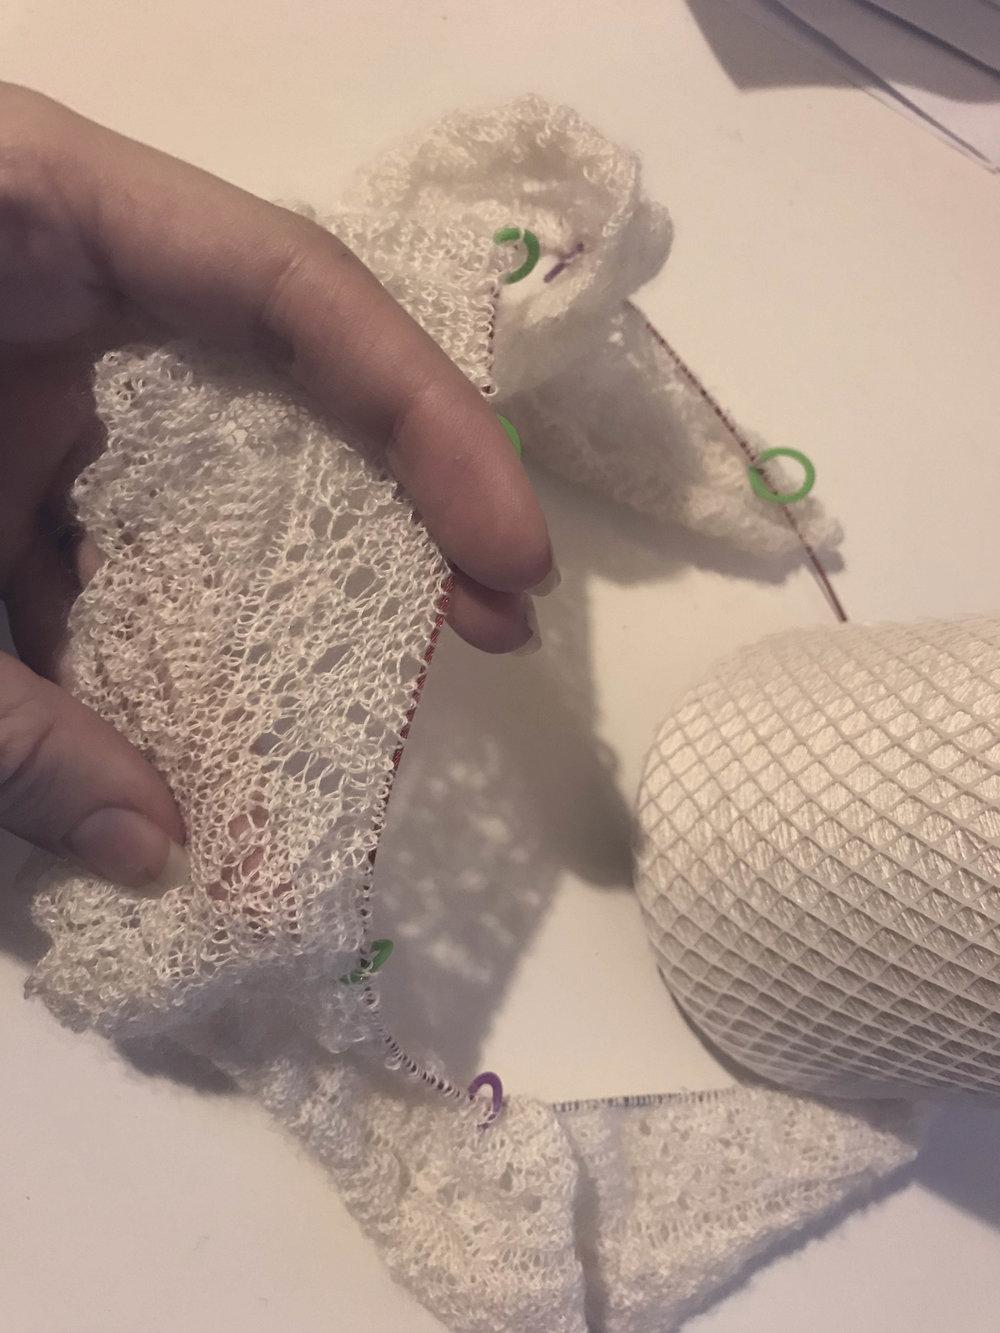 wedding ring shawl in progress